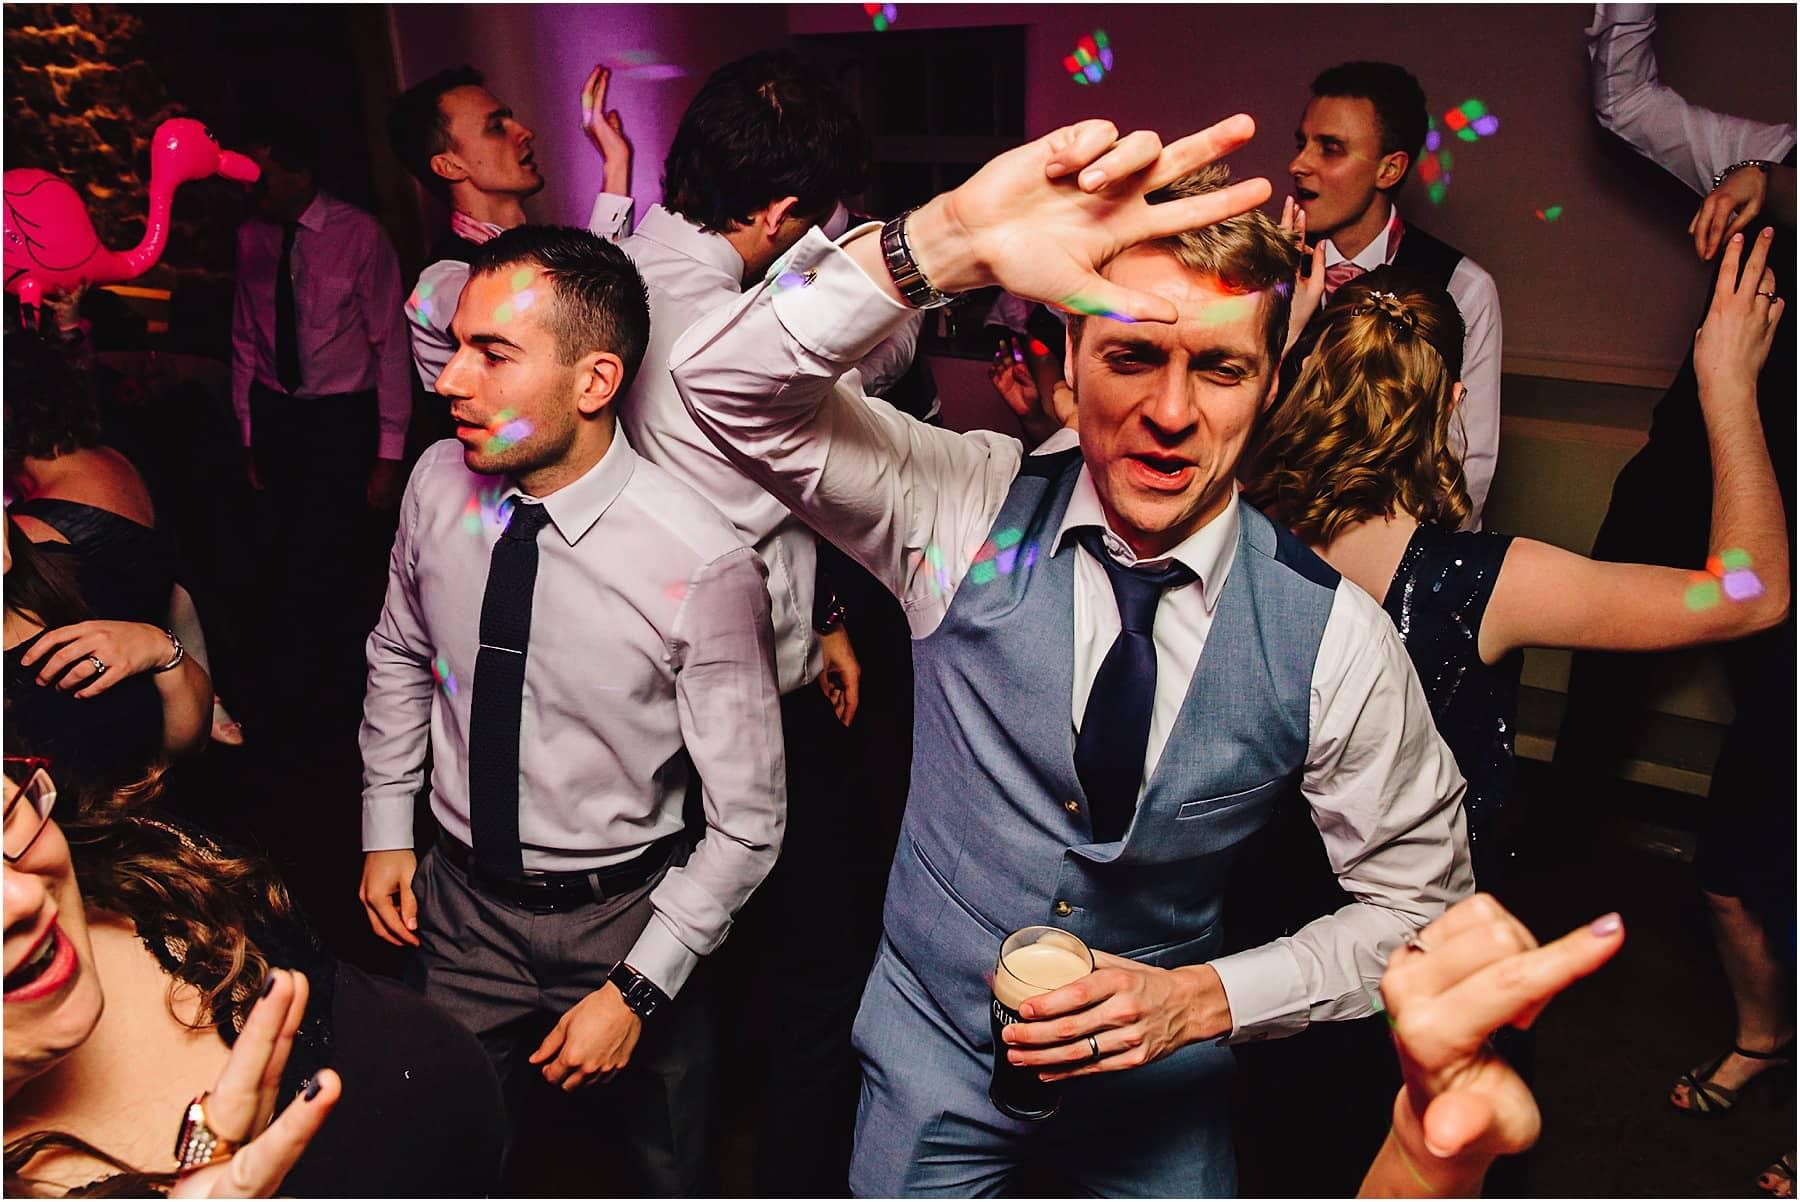 Best man dancing at a wedding